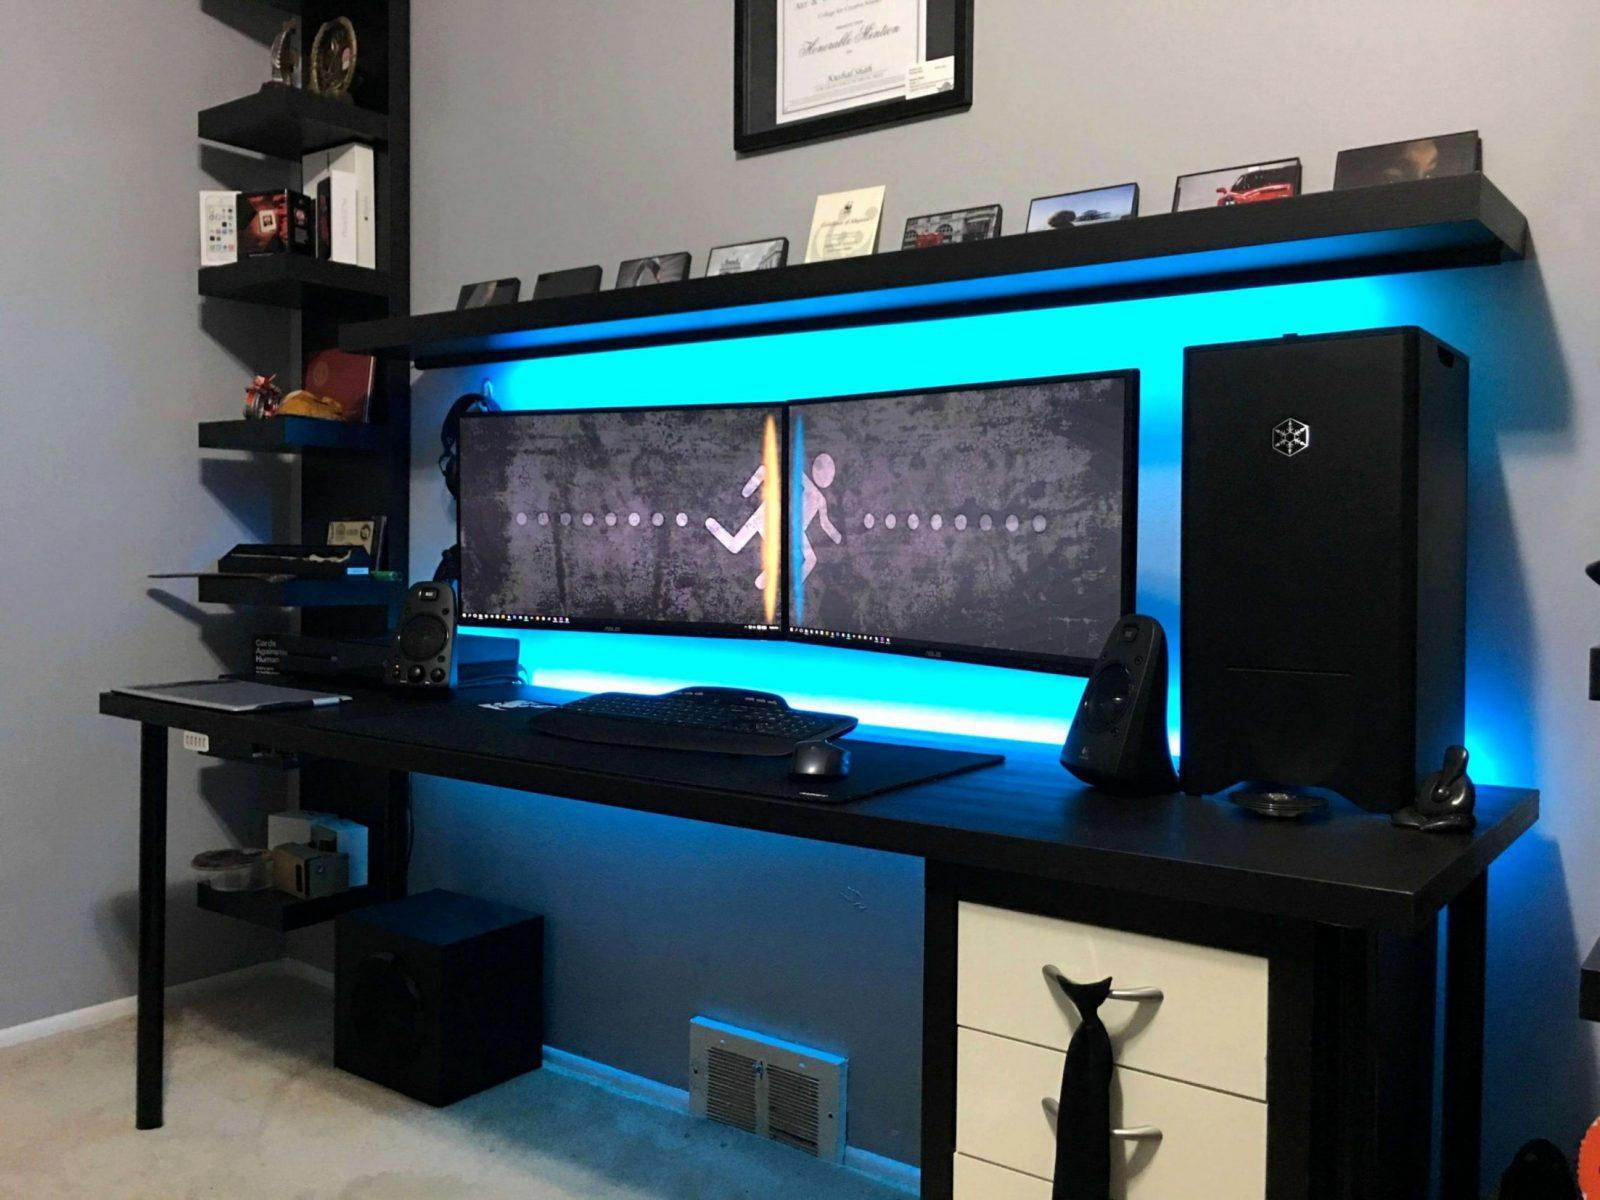 Tv Mobel Mit Kabelmanagement Chic 20 Einziehung Gaming Pc Tisch von Pc Im Tisch Selber Bauen Bild